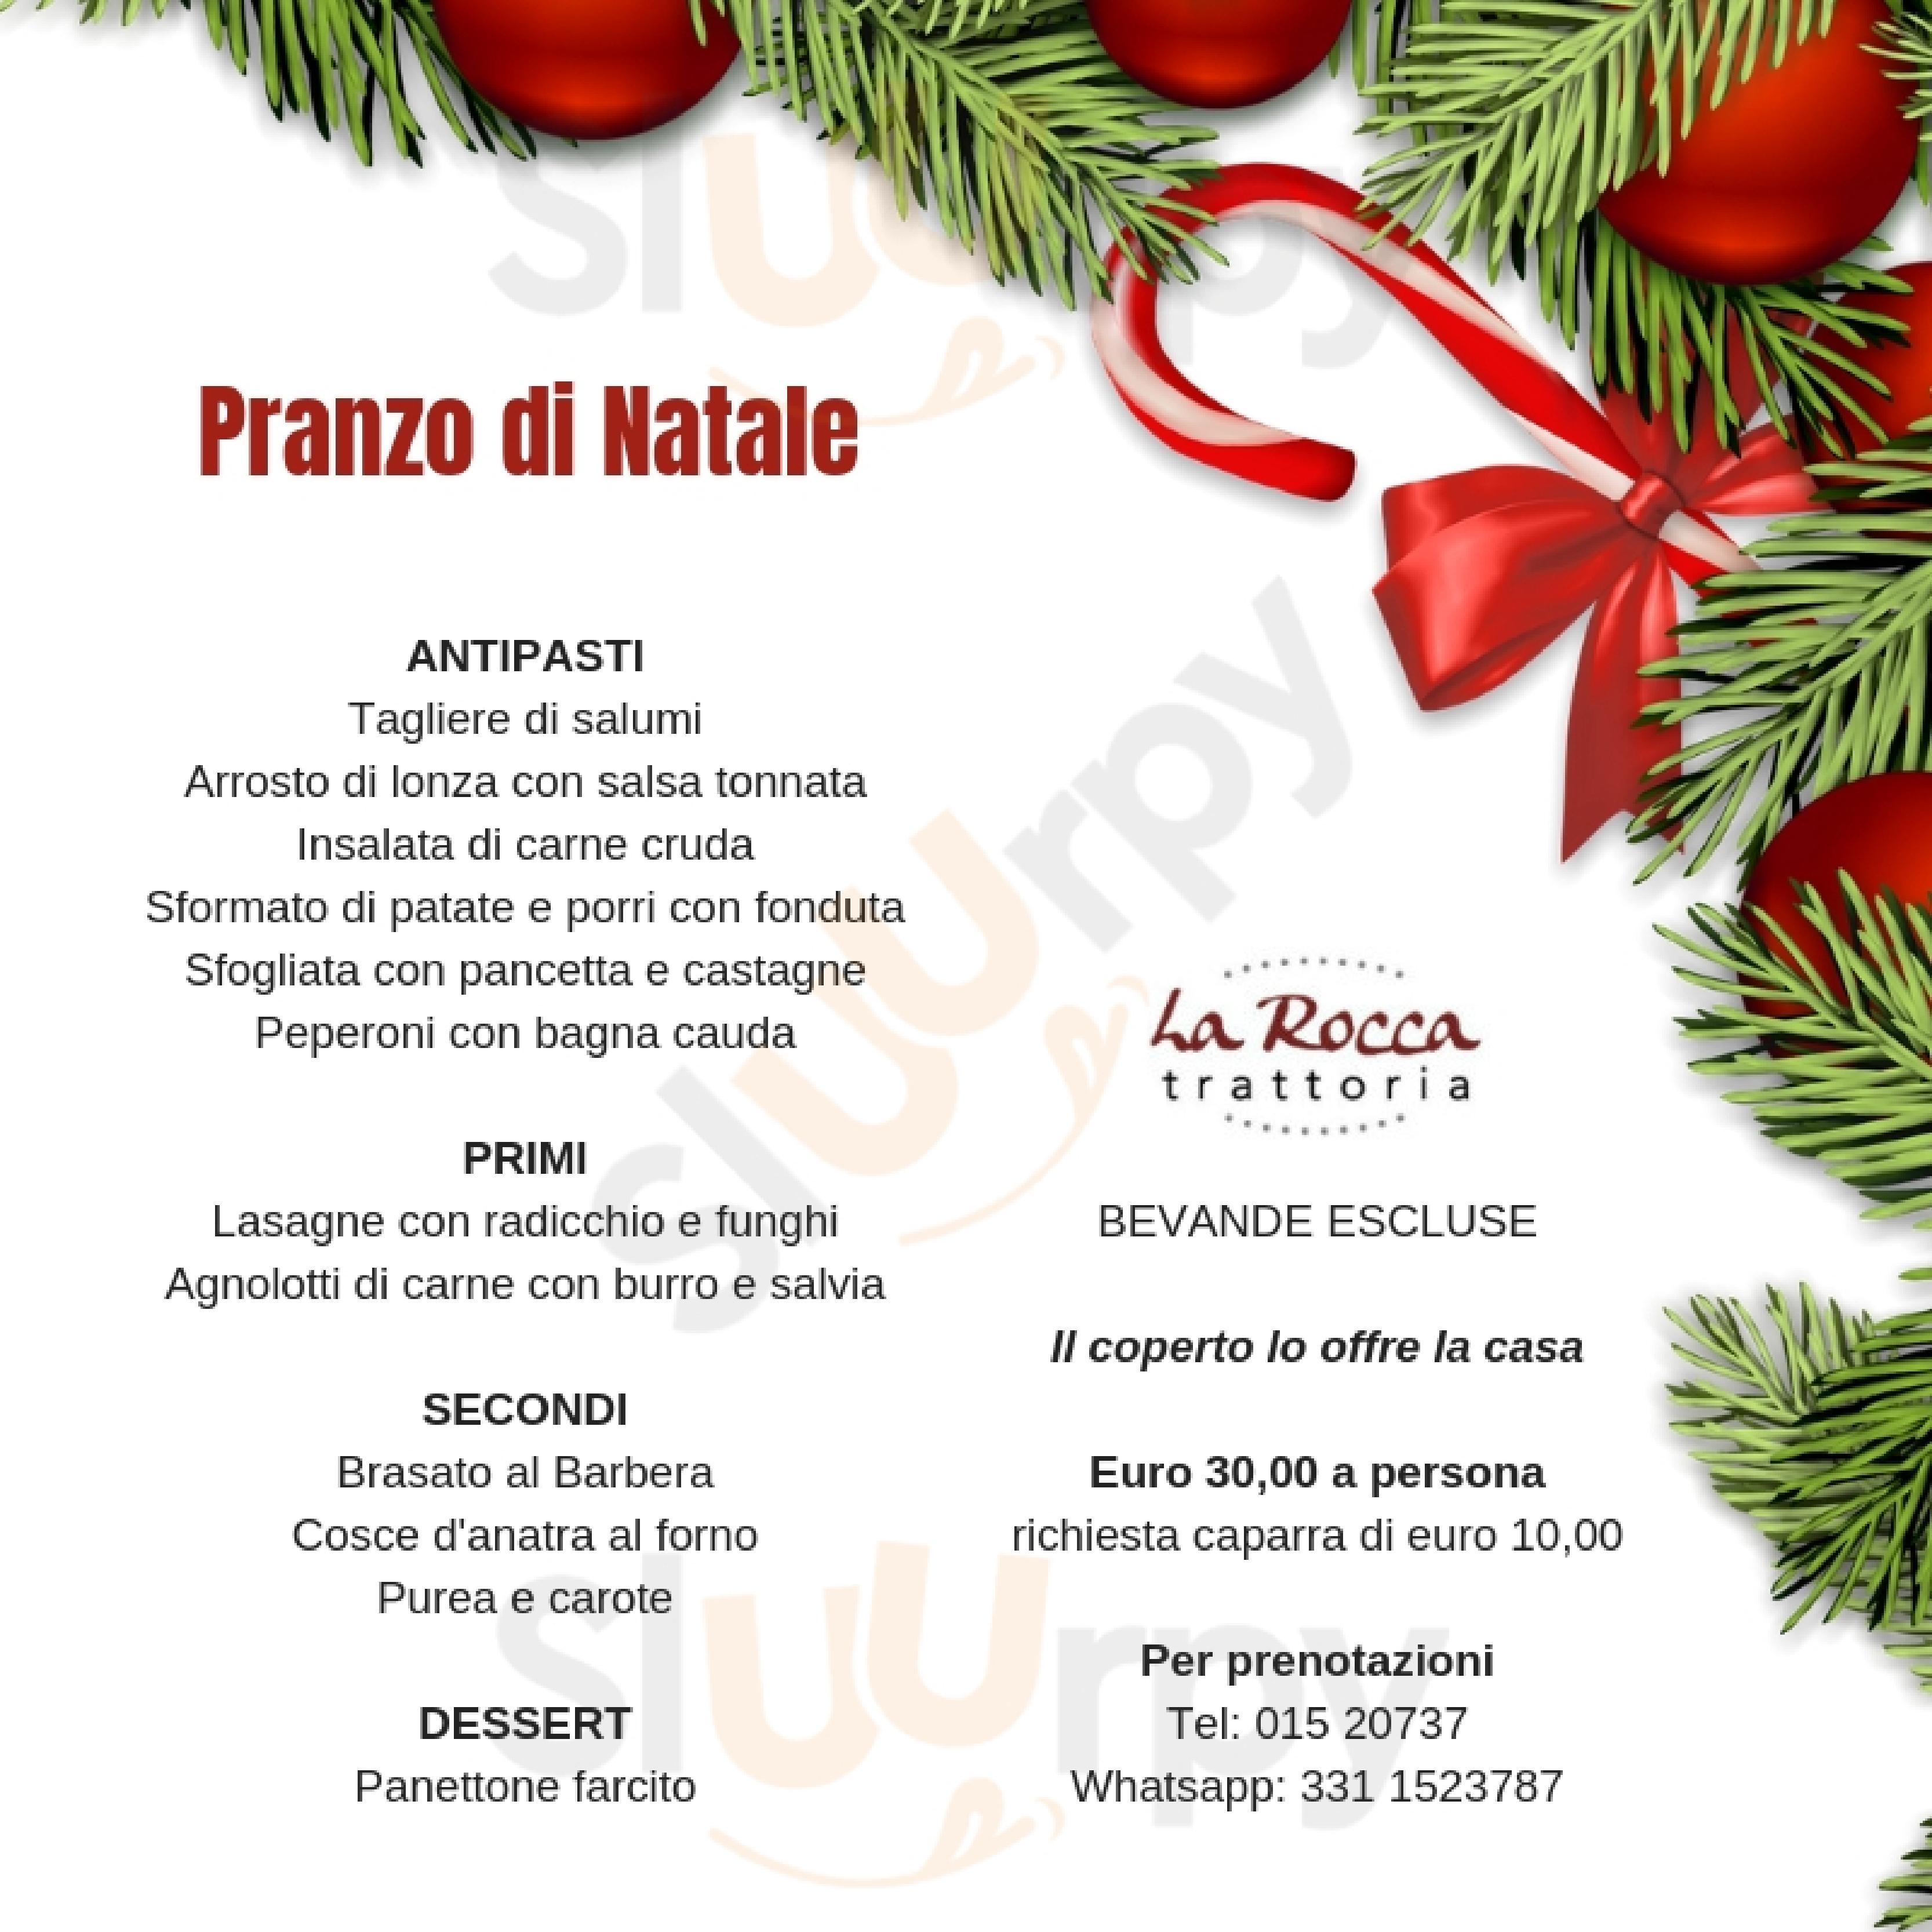 Trattoria La Rocca Biella menù 1 pagina